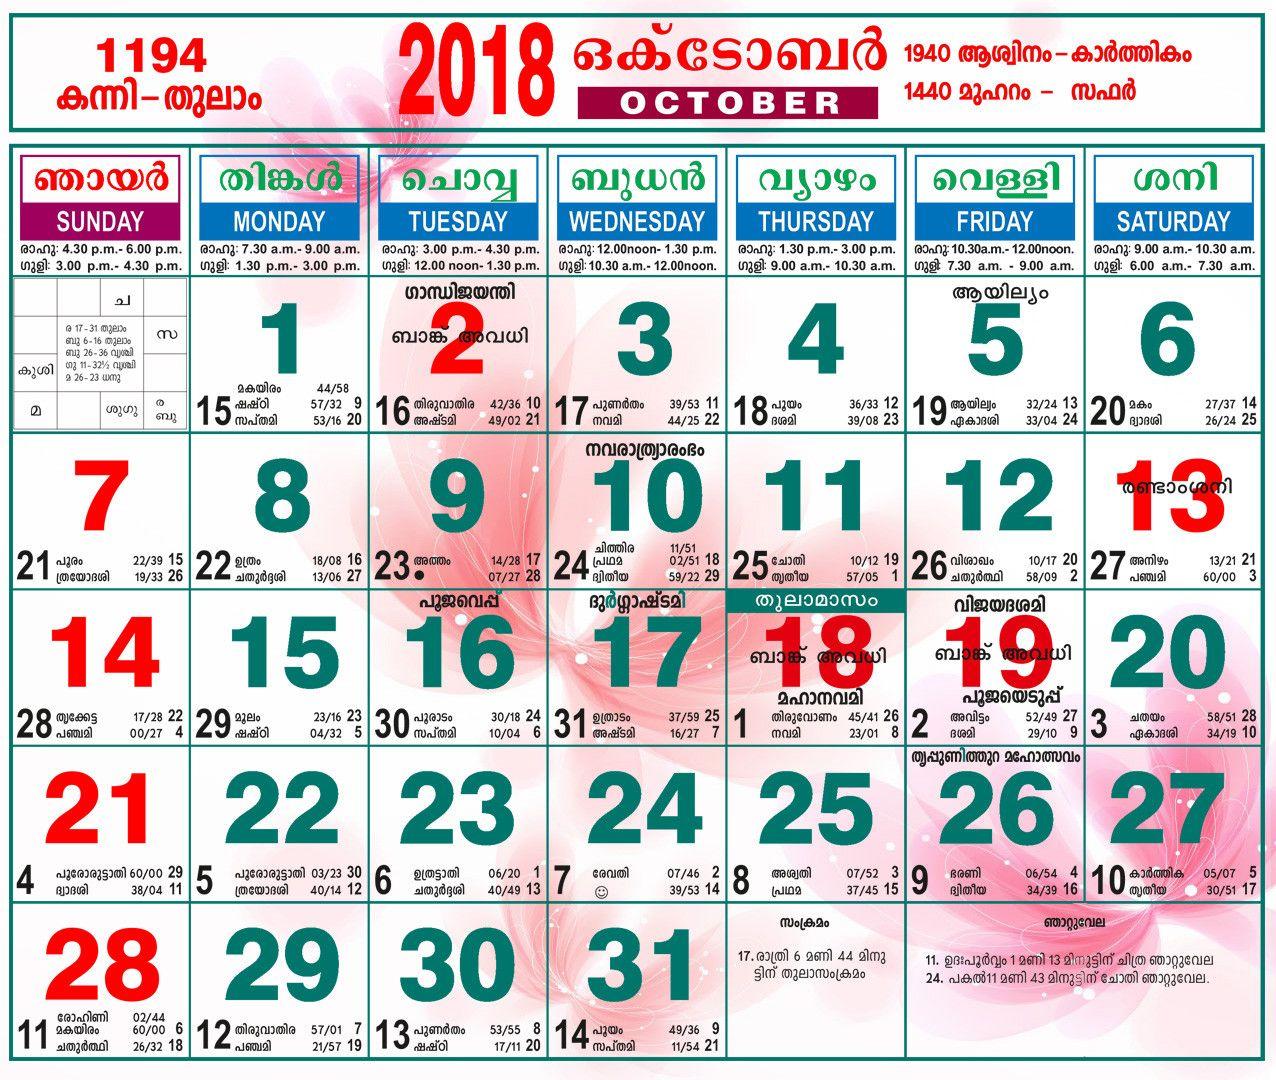 Malayalam Calendar October 2018 | November Calendar throughout Malayalam Calendar September 2018